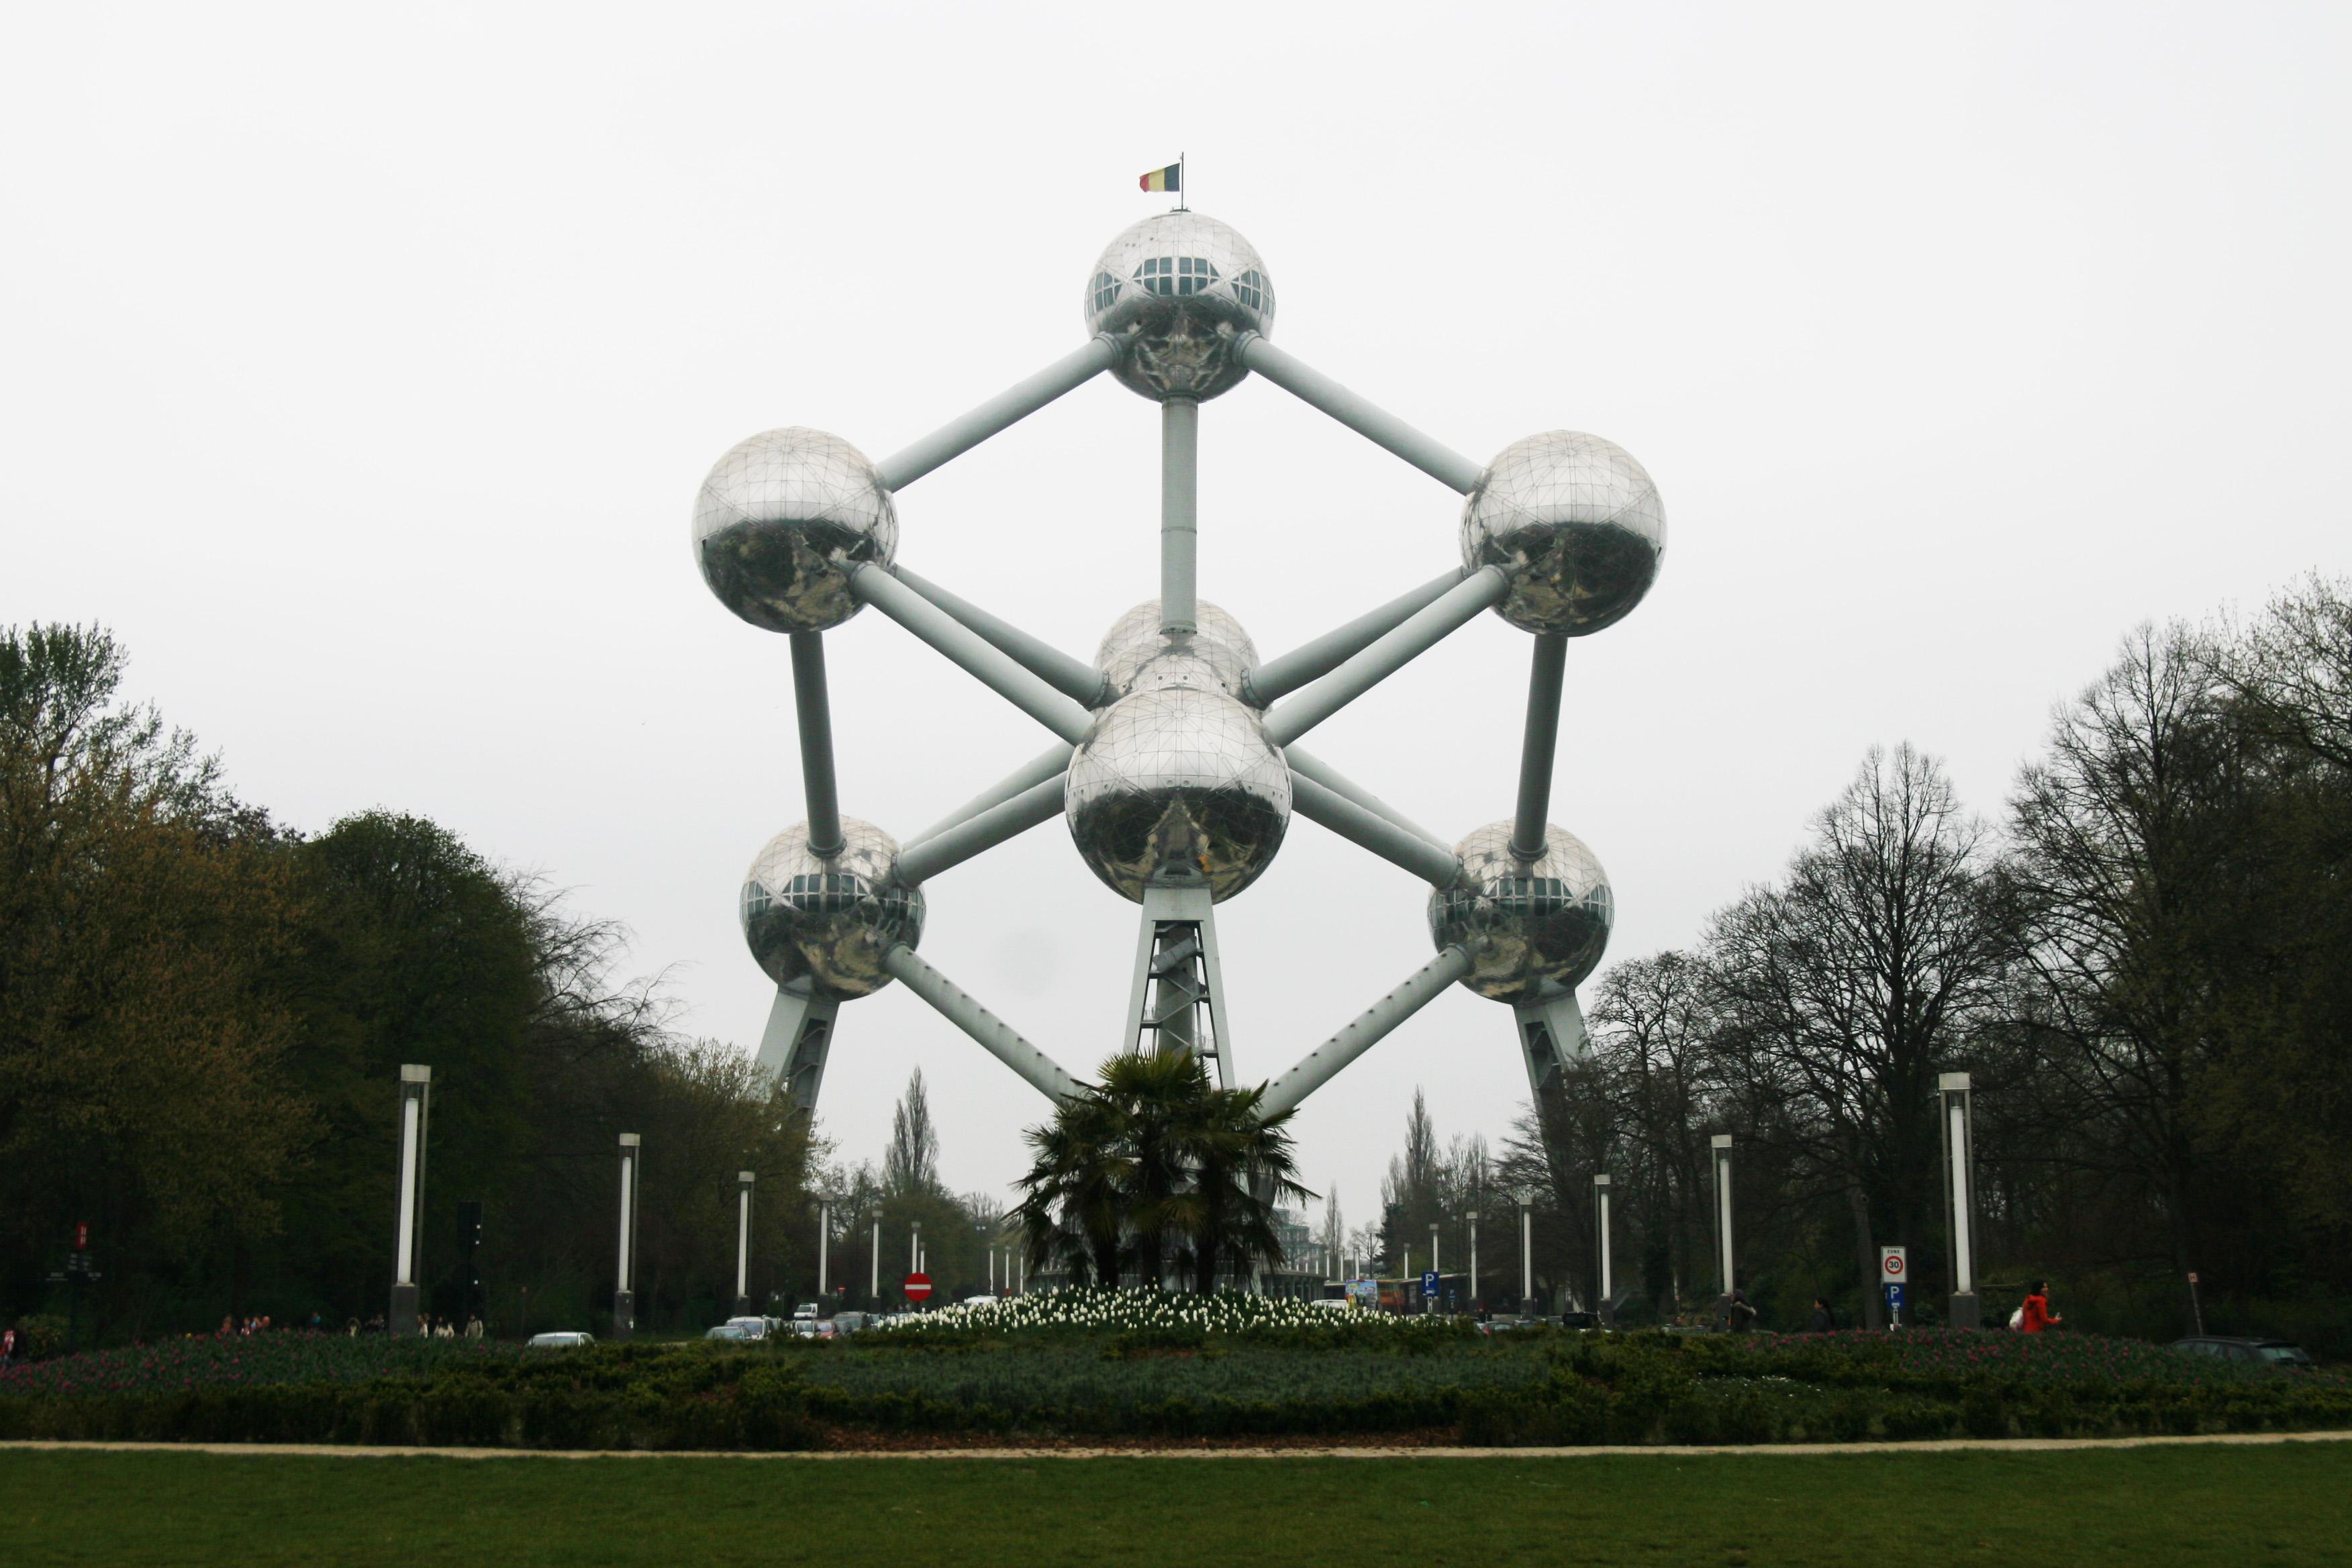 Bruksela_Atomium.jpg